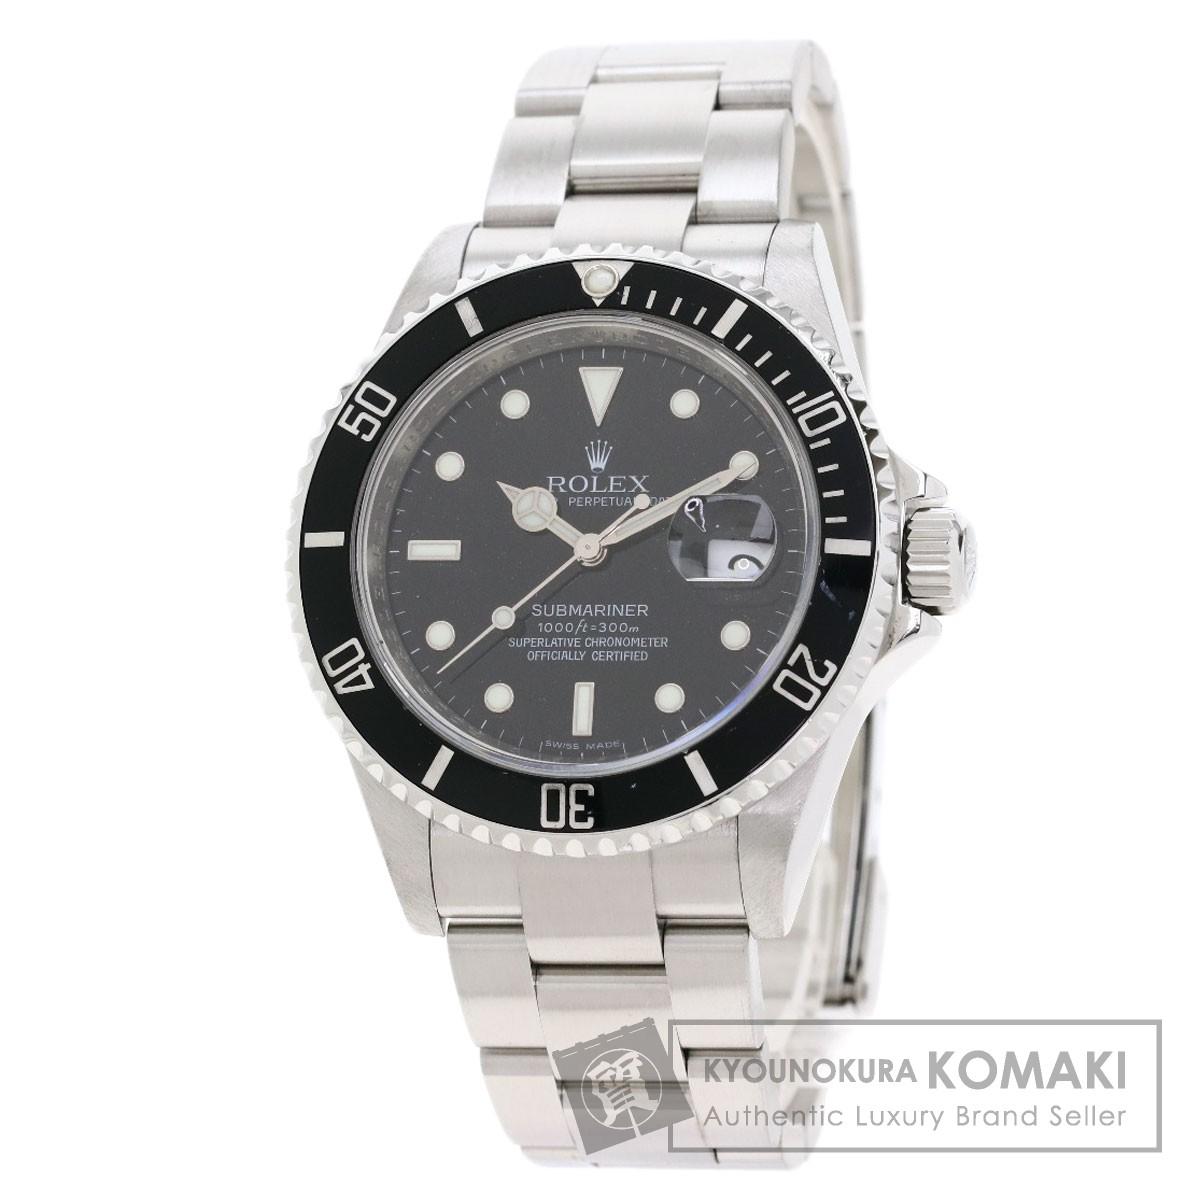 ロレックス 16610 サブマリーナ デイト 腕時計 OH済 ステンレススチール/SS メンズ 【中古】【ROLEX】